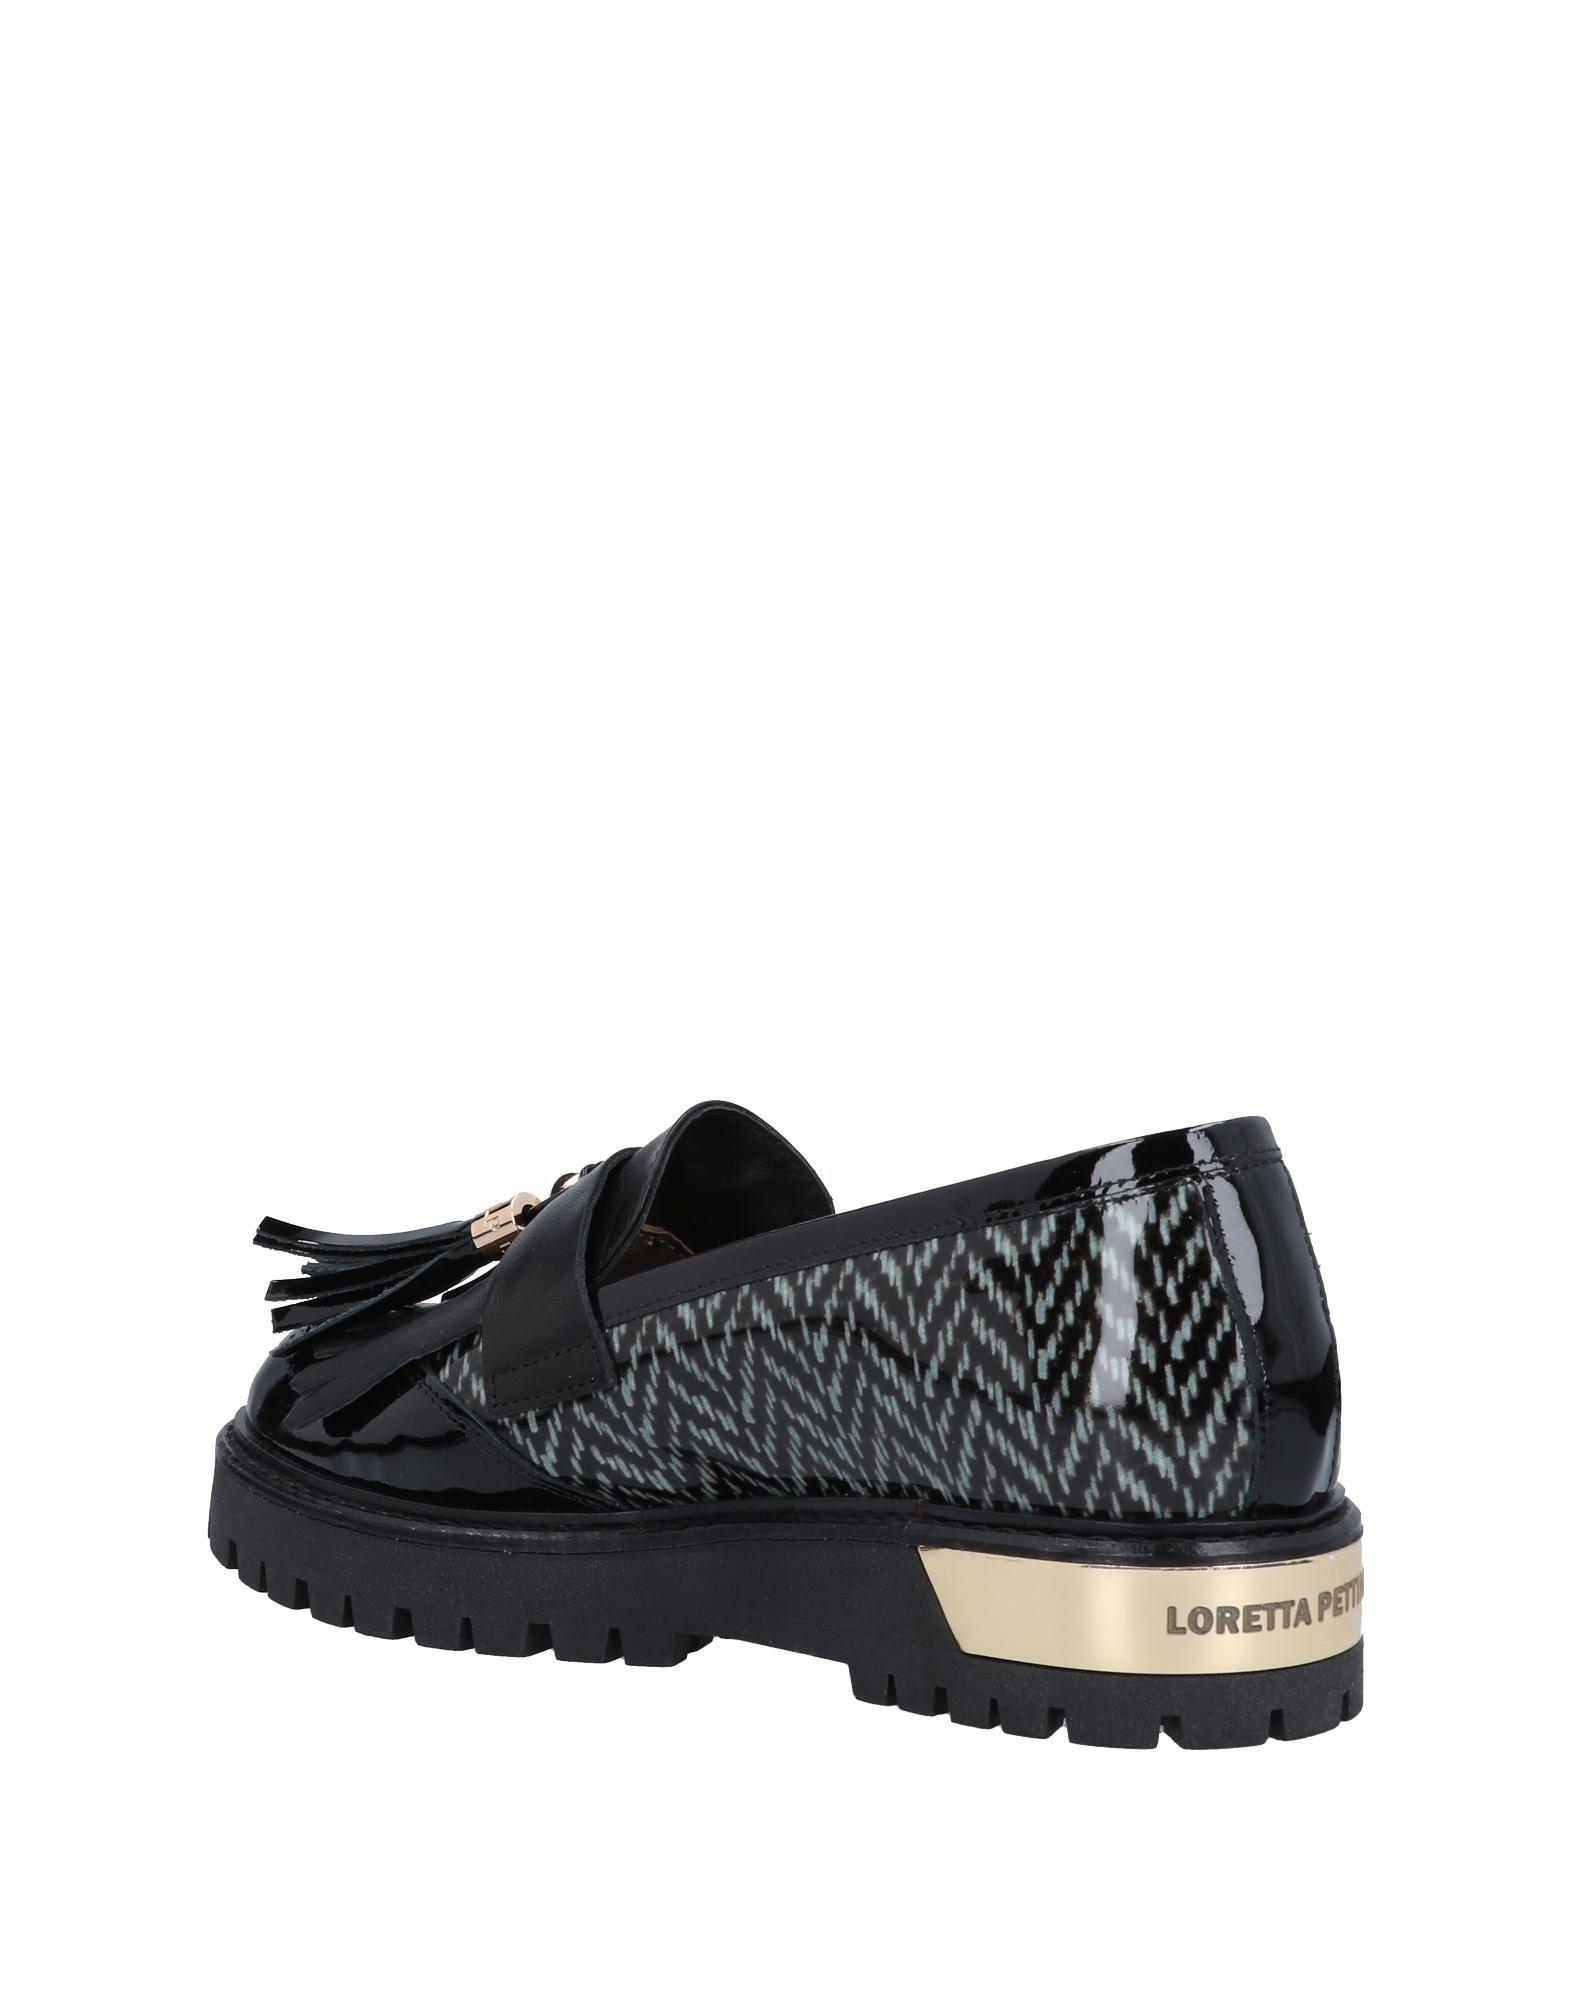 Stilvolle Mokassins billige Schuhe Loretta Pettinari Mokassins Stilvolle Damen  11498408IV 67e71e